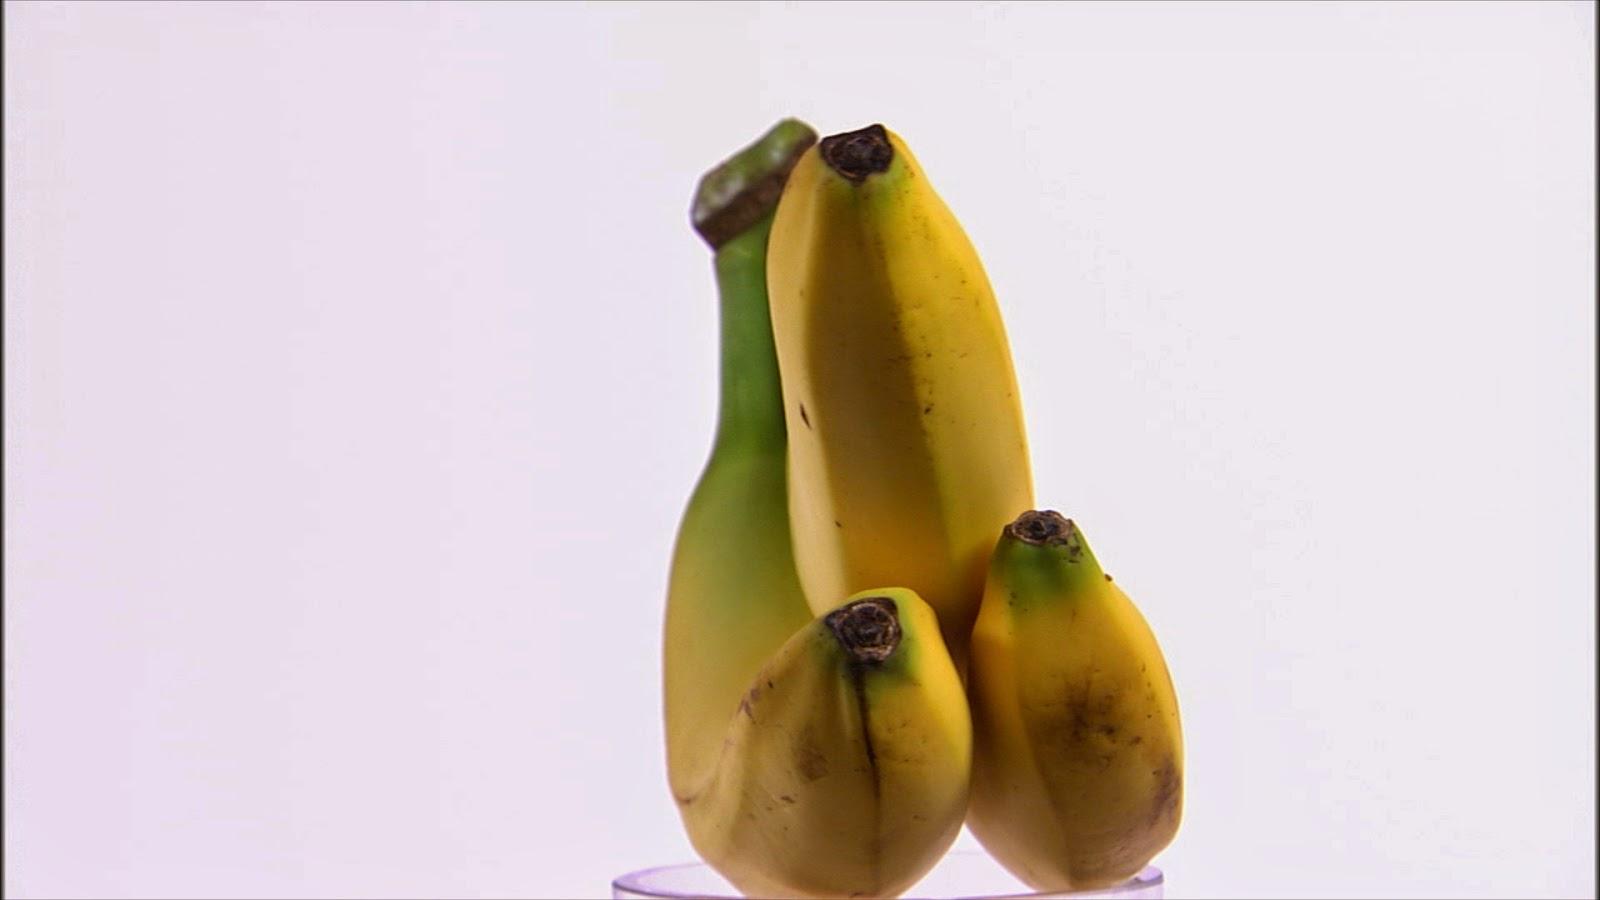 رجيم الموز وفاعليته في انقاص الوزن